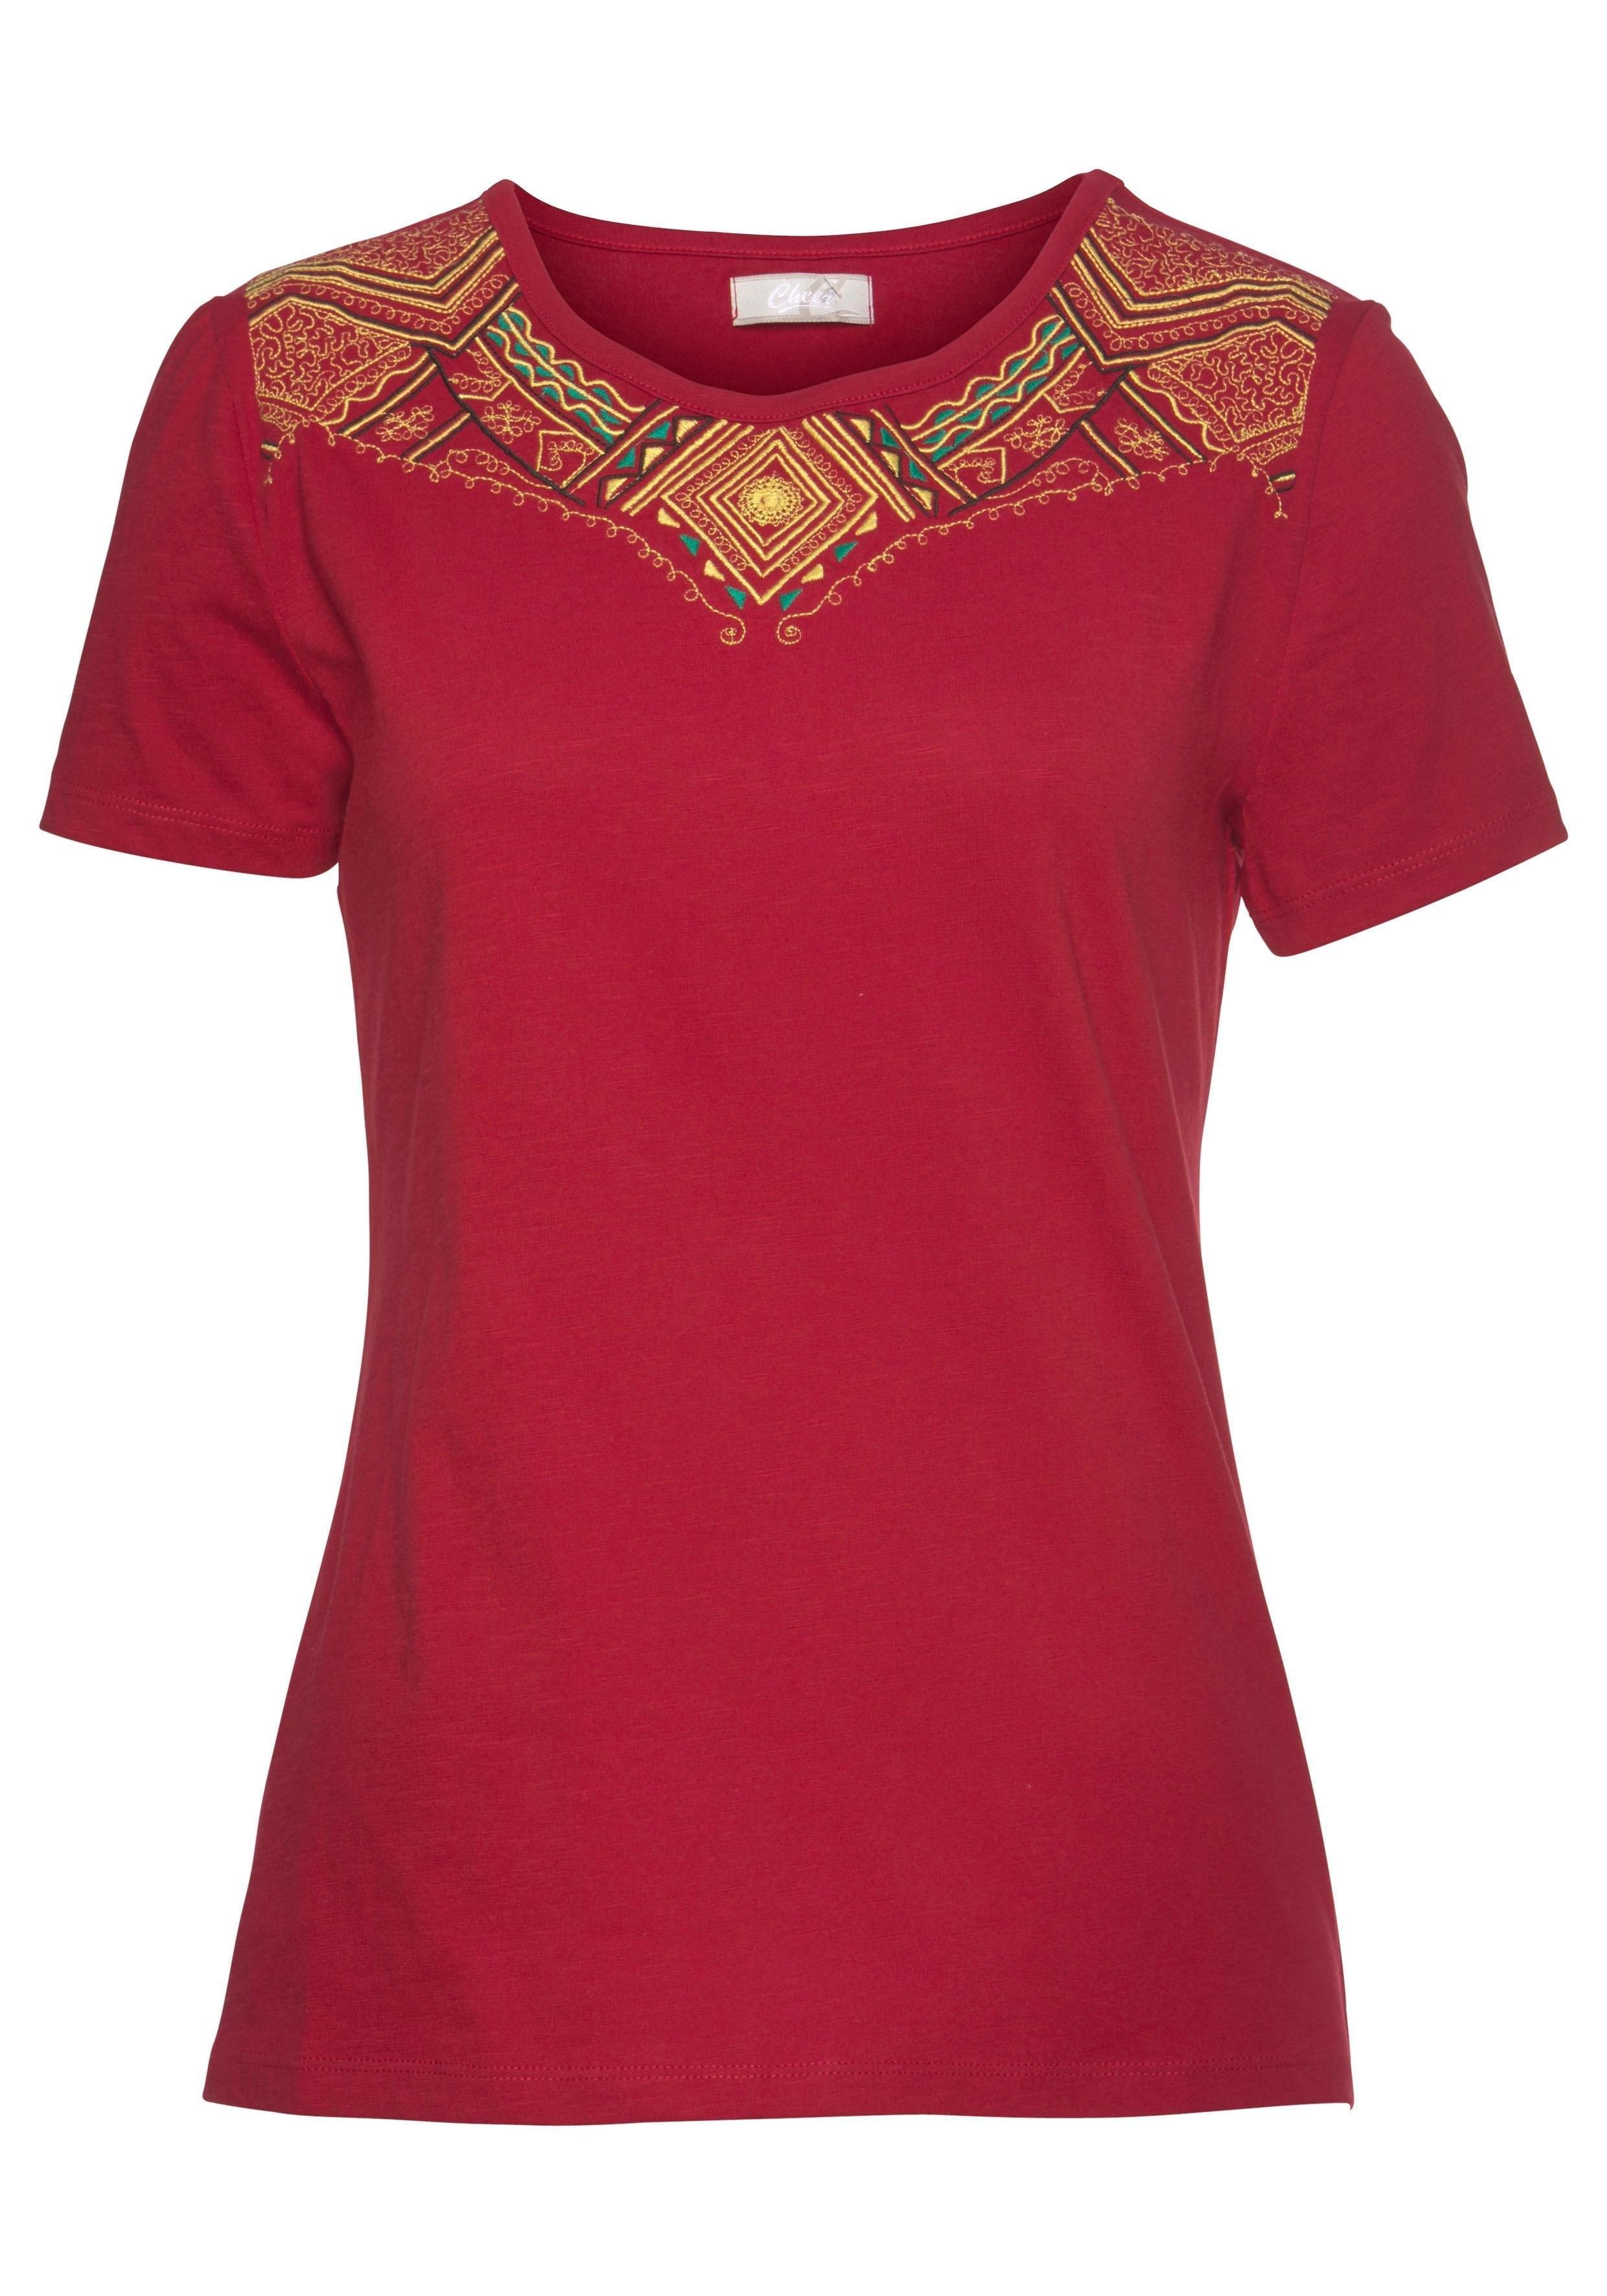 T Online Verkrijgbaar shirt Cheer drhQCts